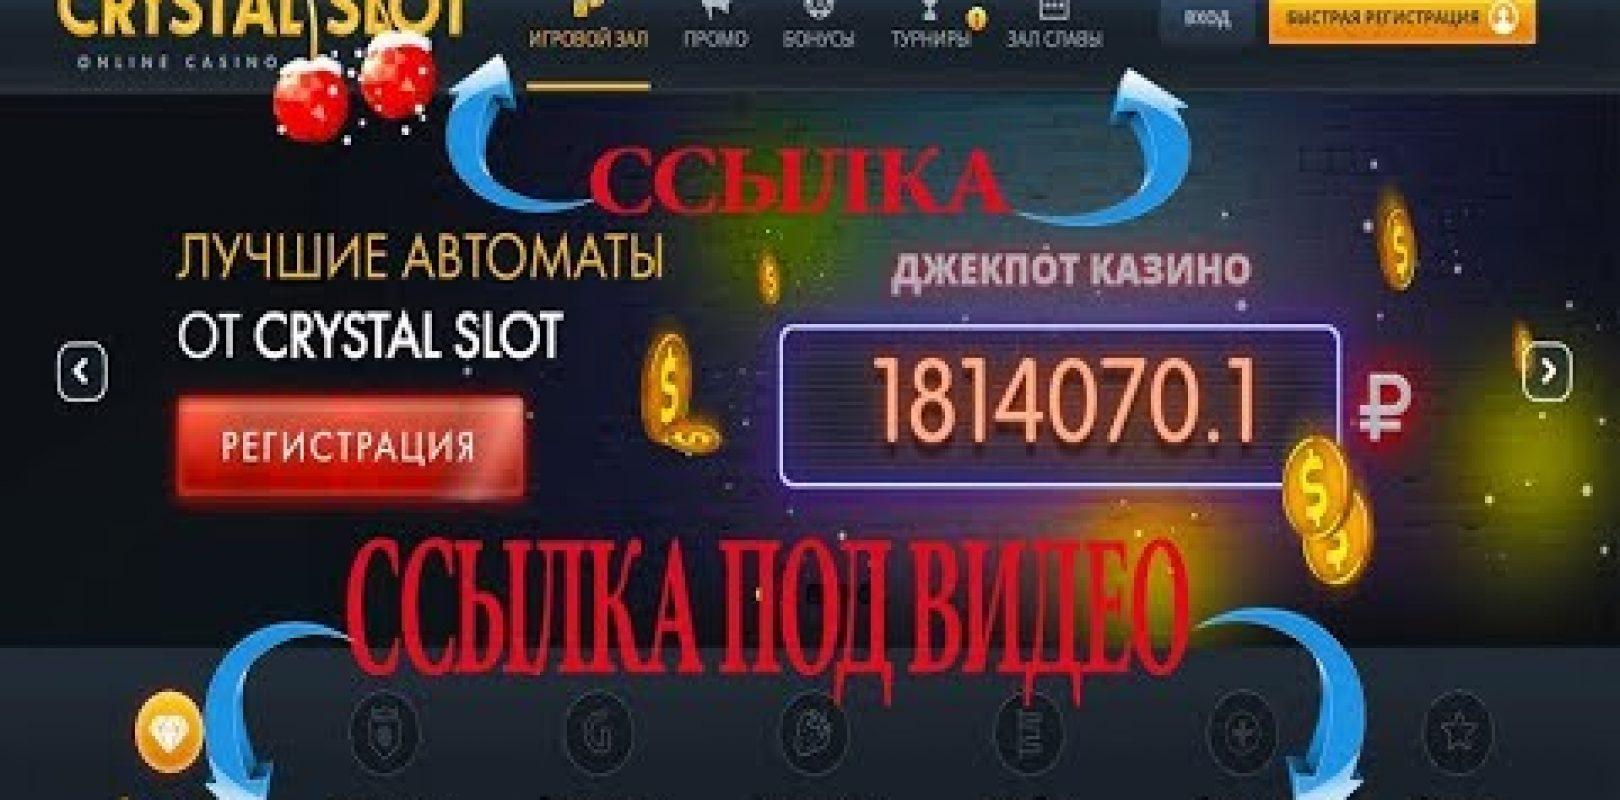 Флинт бет казино зеркало официальный сайт